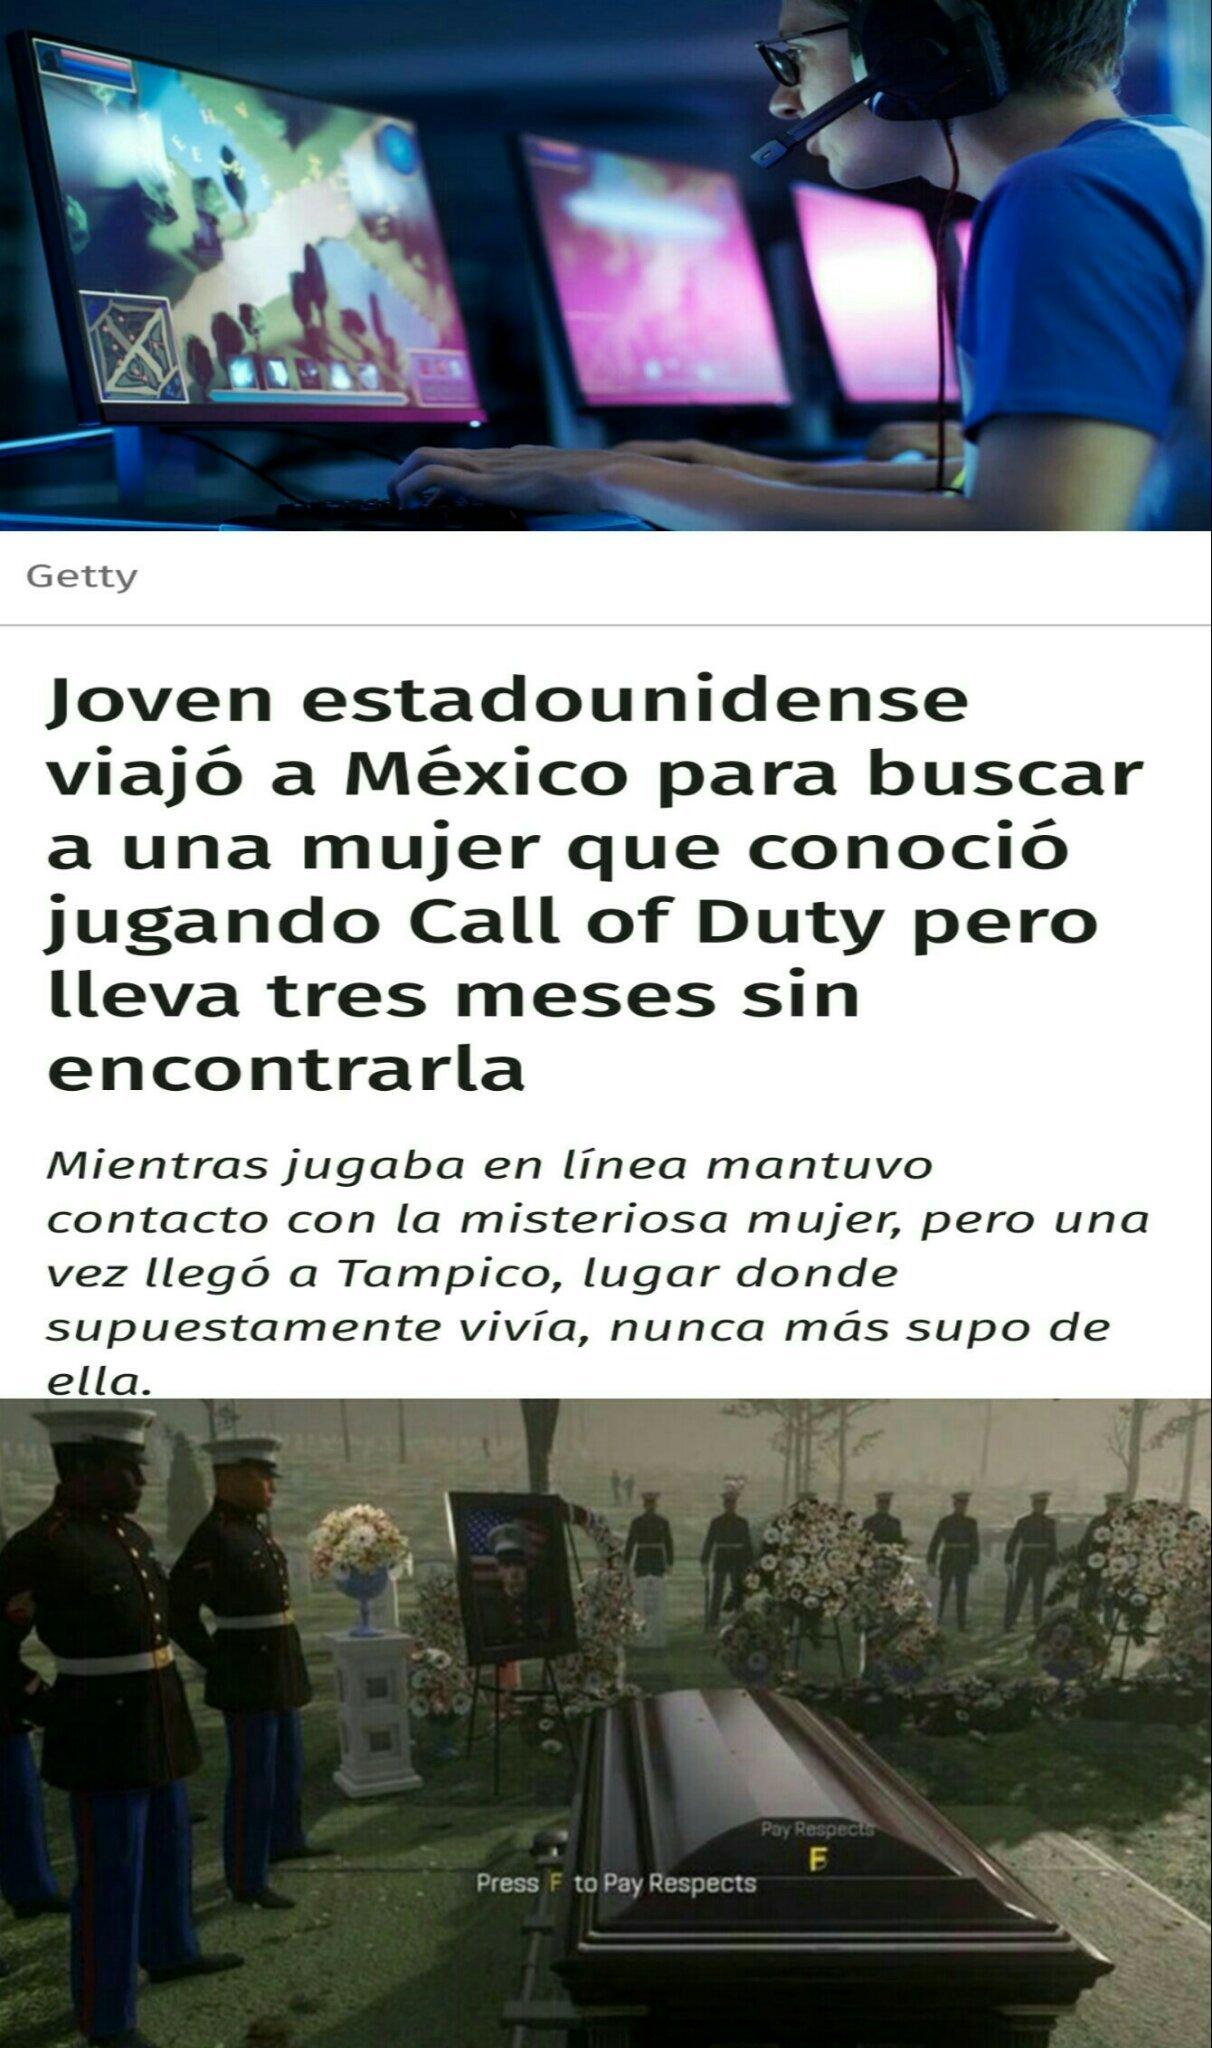 Top Memes De Press F To Pay Respects En Español Memedroid